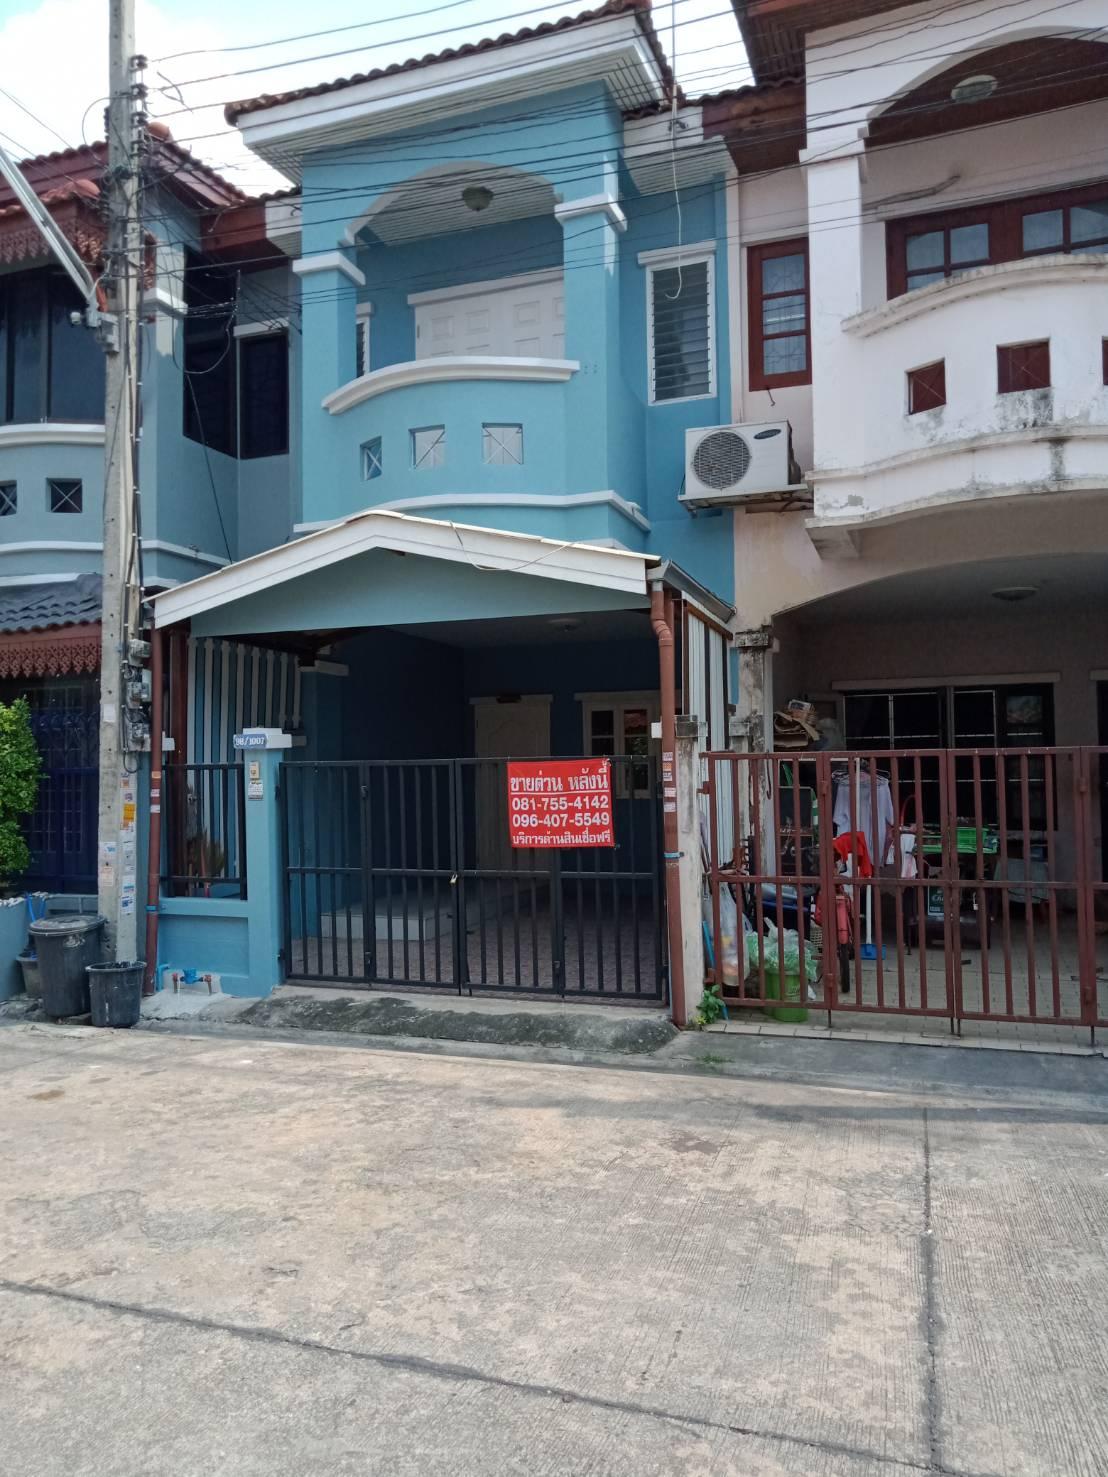 ภาพขาย ทาวน์เฮ้าส์ 2 ชั้น  หมู่บ้านศิริวรรณ - ชวนชม ถนนบางกรวย - ไทรน้อย  บางบัวทอง นนทบุรี